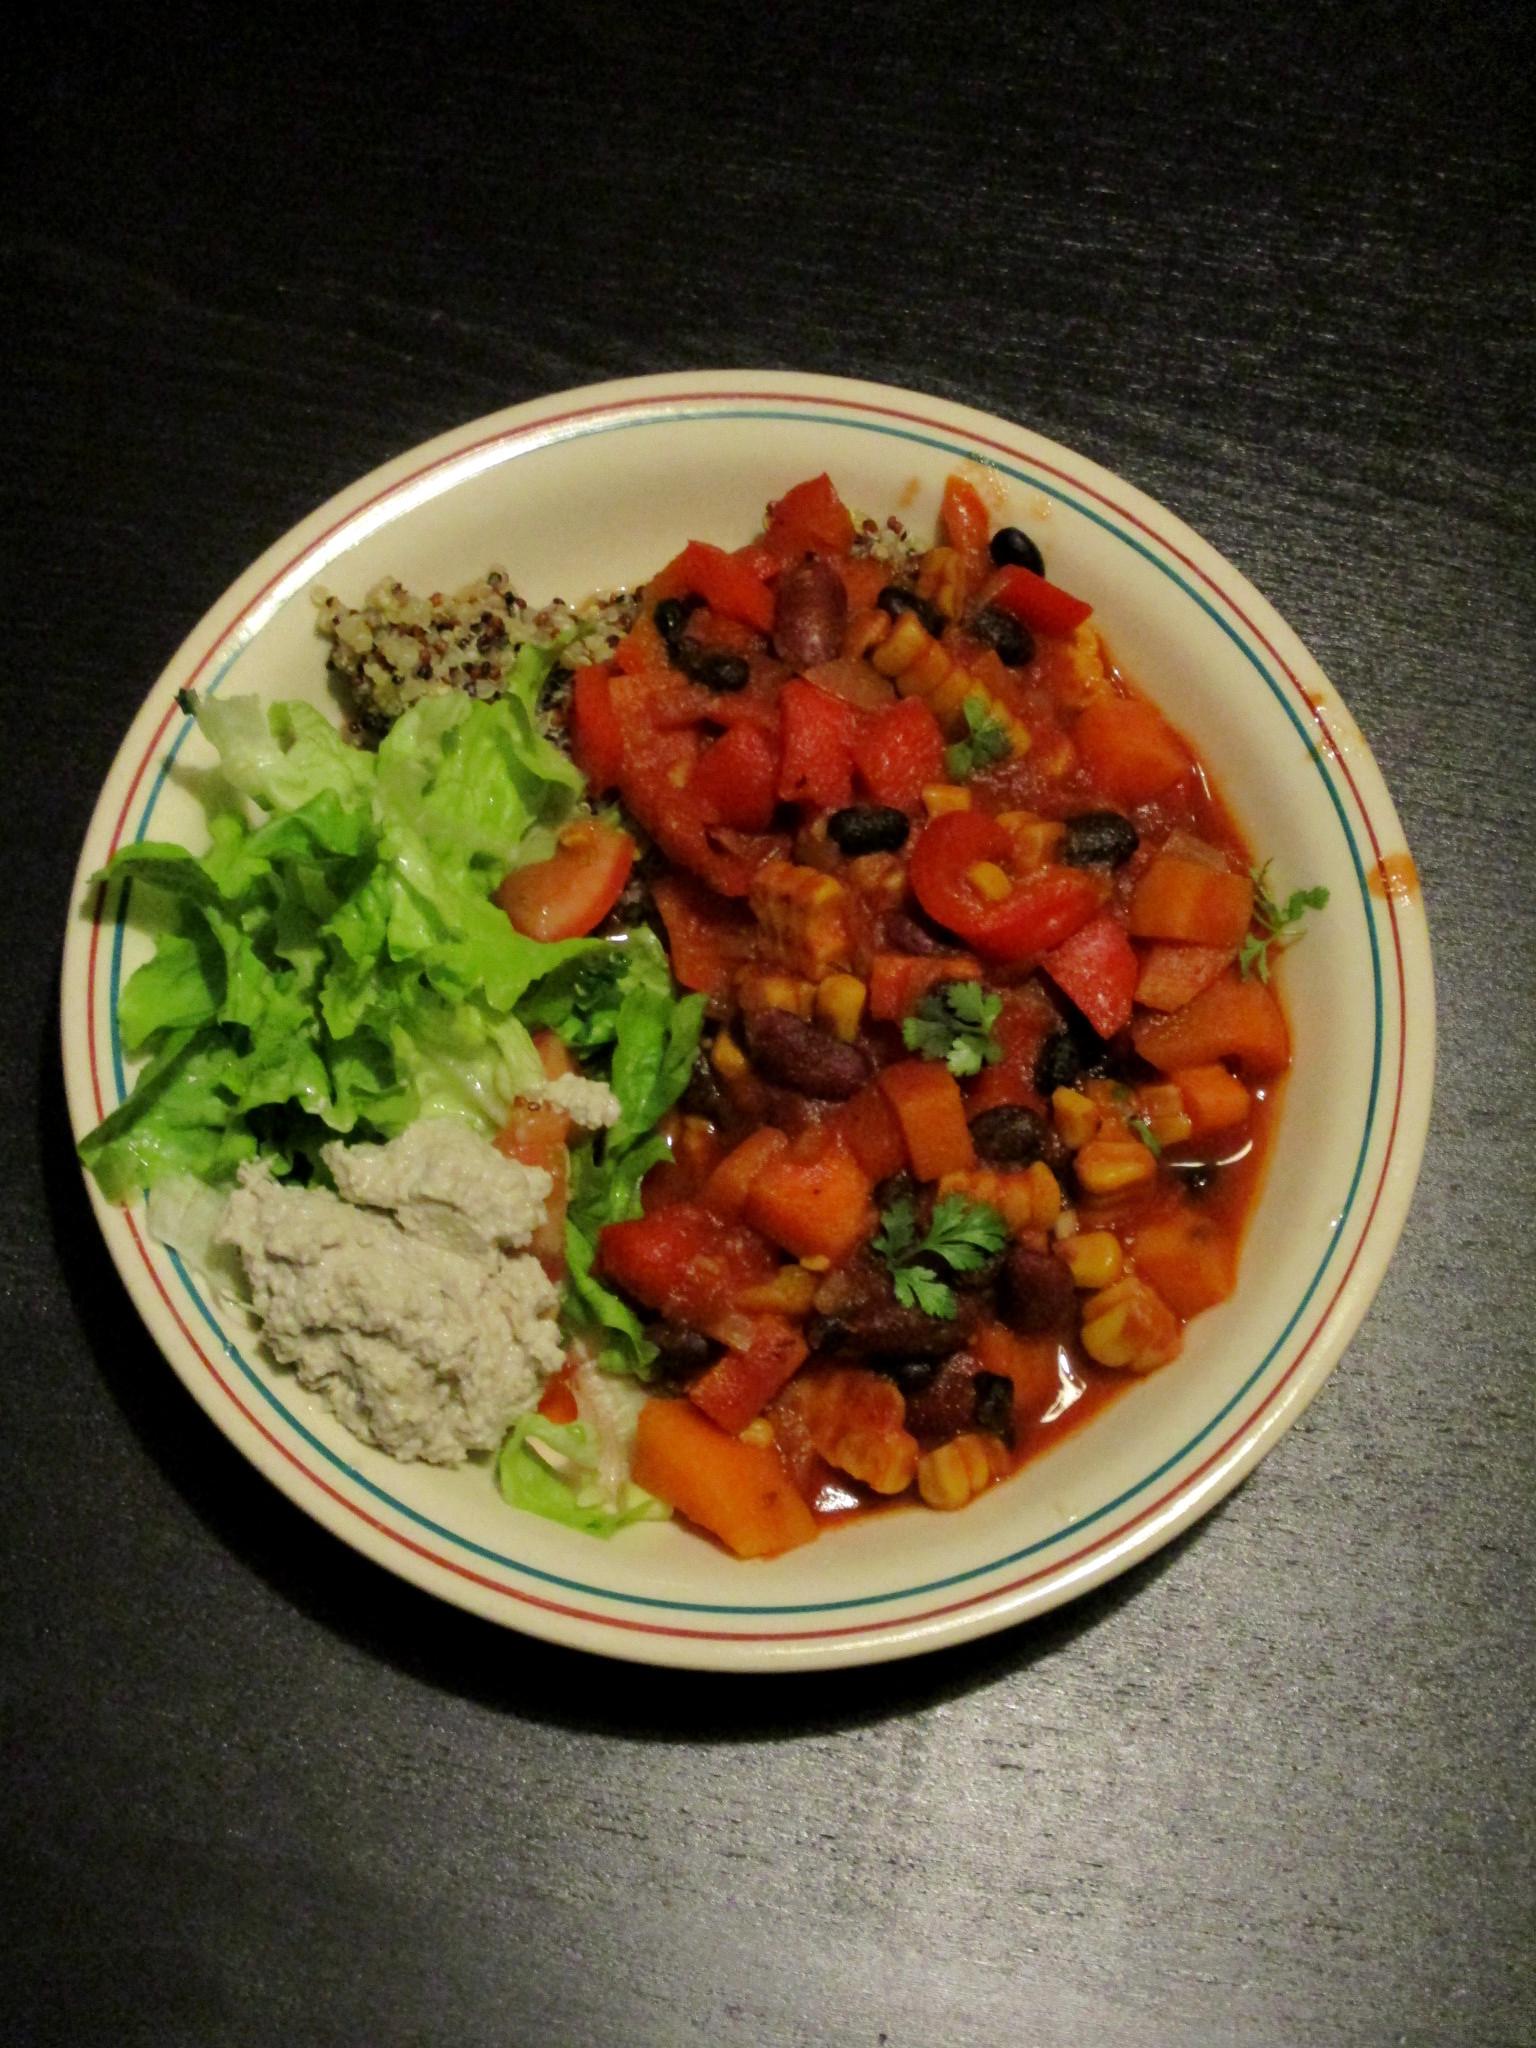 chili sin carne suikervrij vegan veganistisch lactosevrij glutenvrij